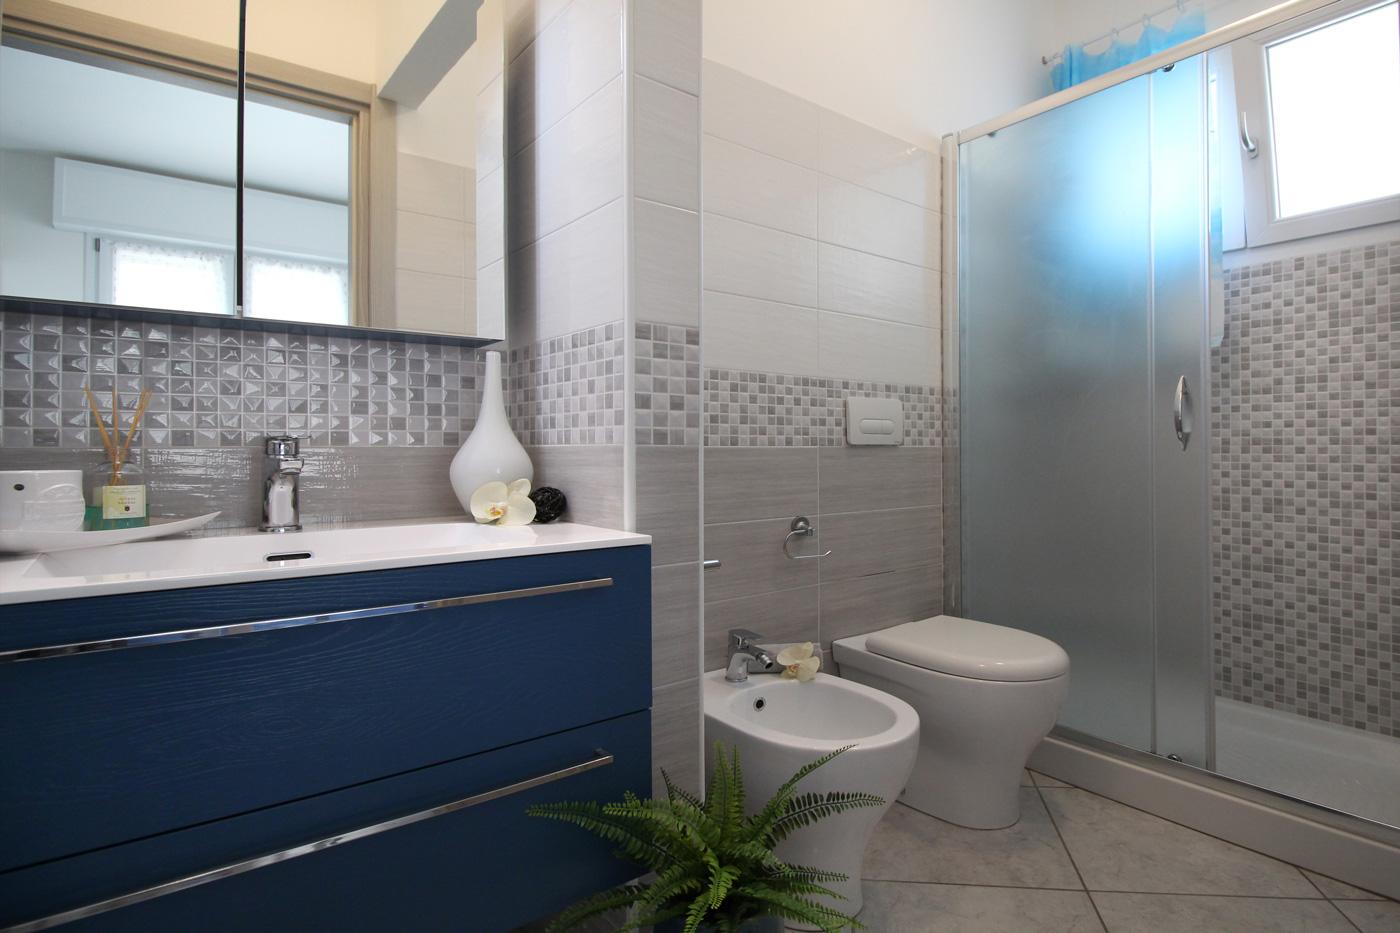 Appartamento sabrina romagna case vacanze-IMG_8722